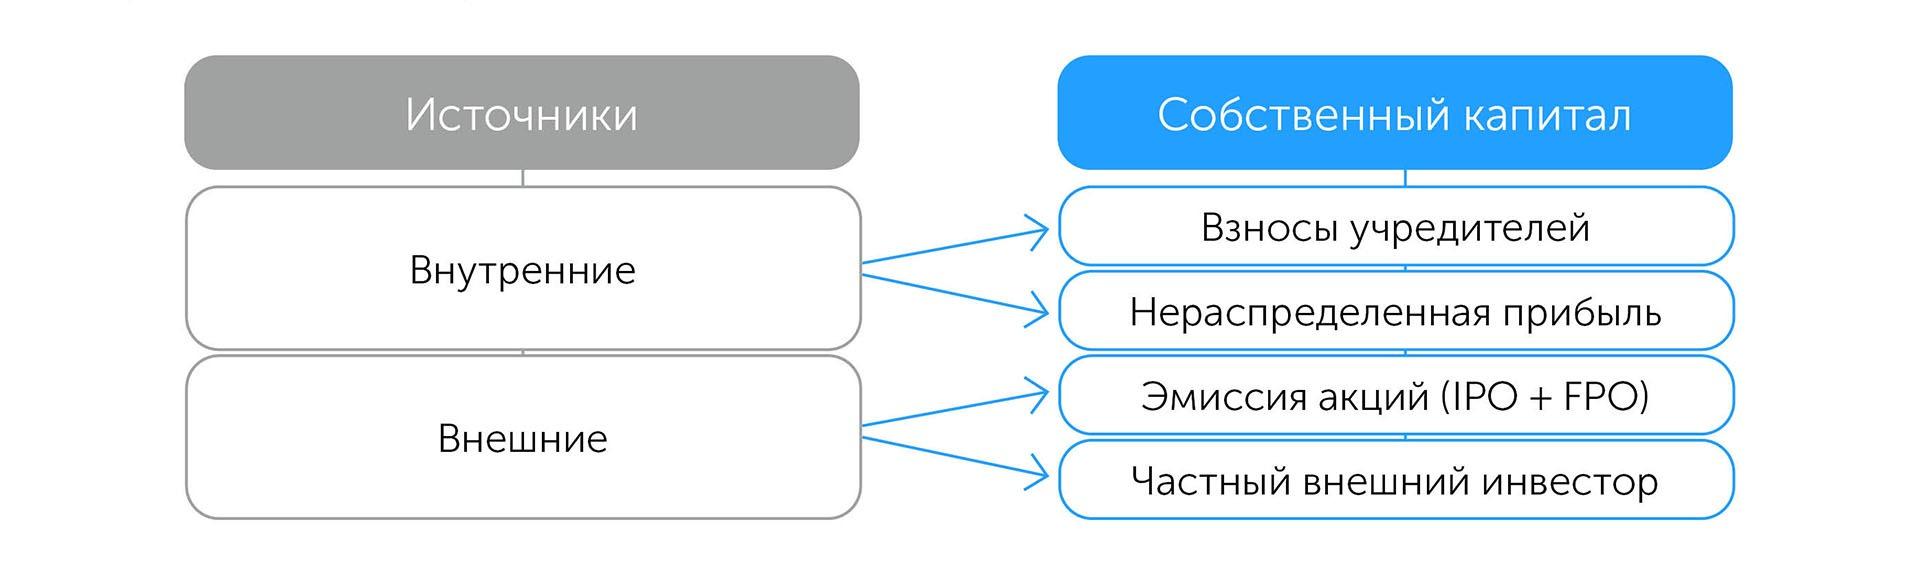 Бизнес: подготовка к росту   Kyivstar Business Hub изображение №9